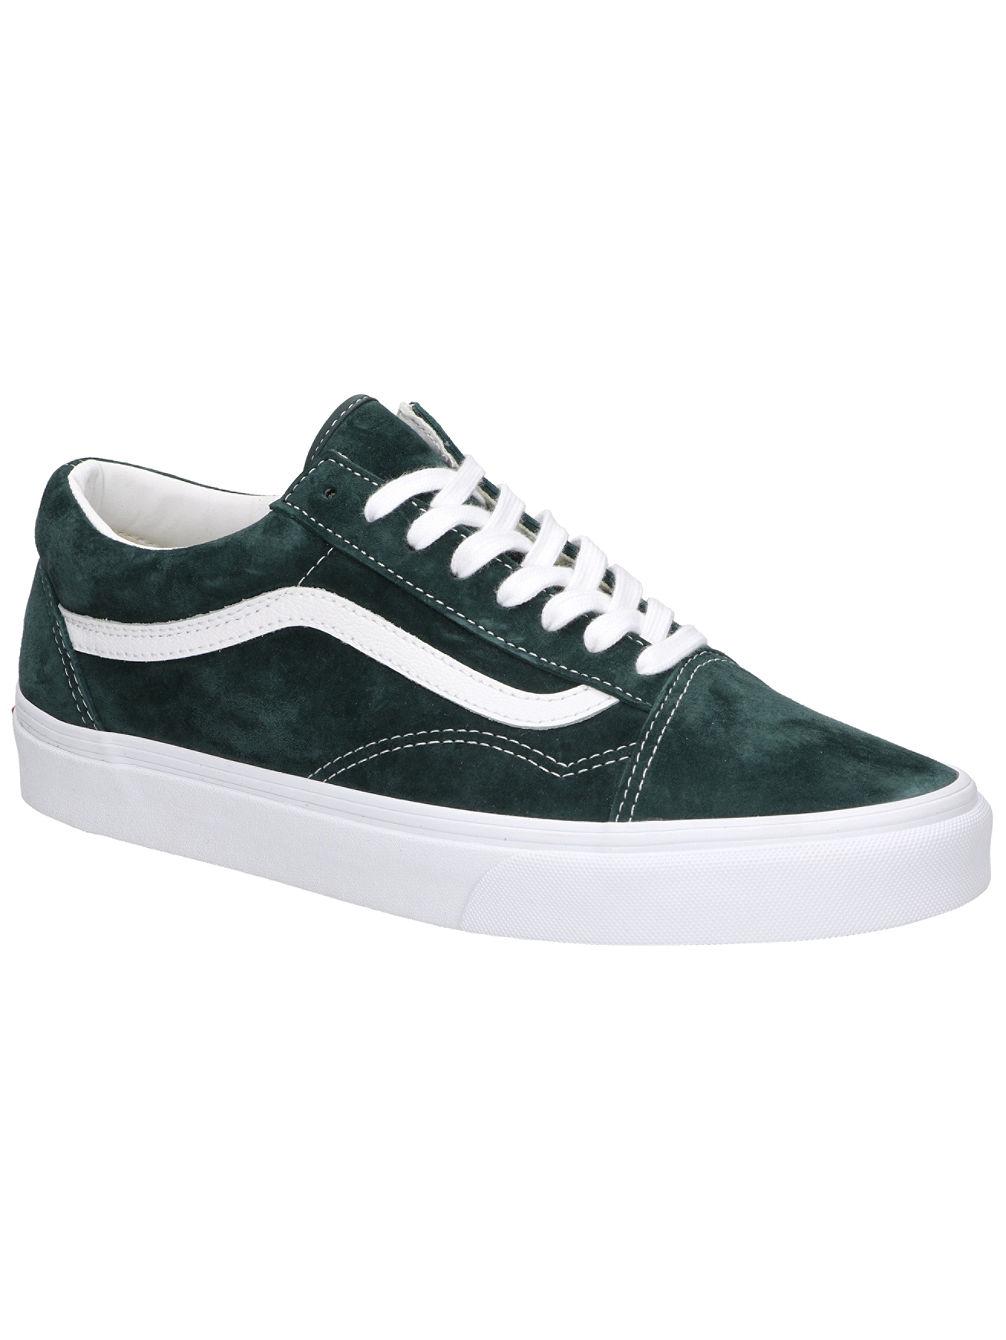 503b9d2788c Buy Vans Pig Suede Old Skool Sneakers online at Blue Tomato